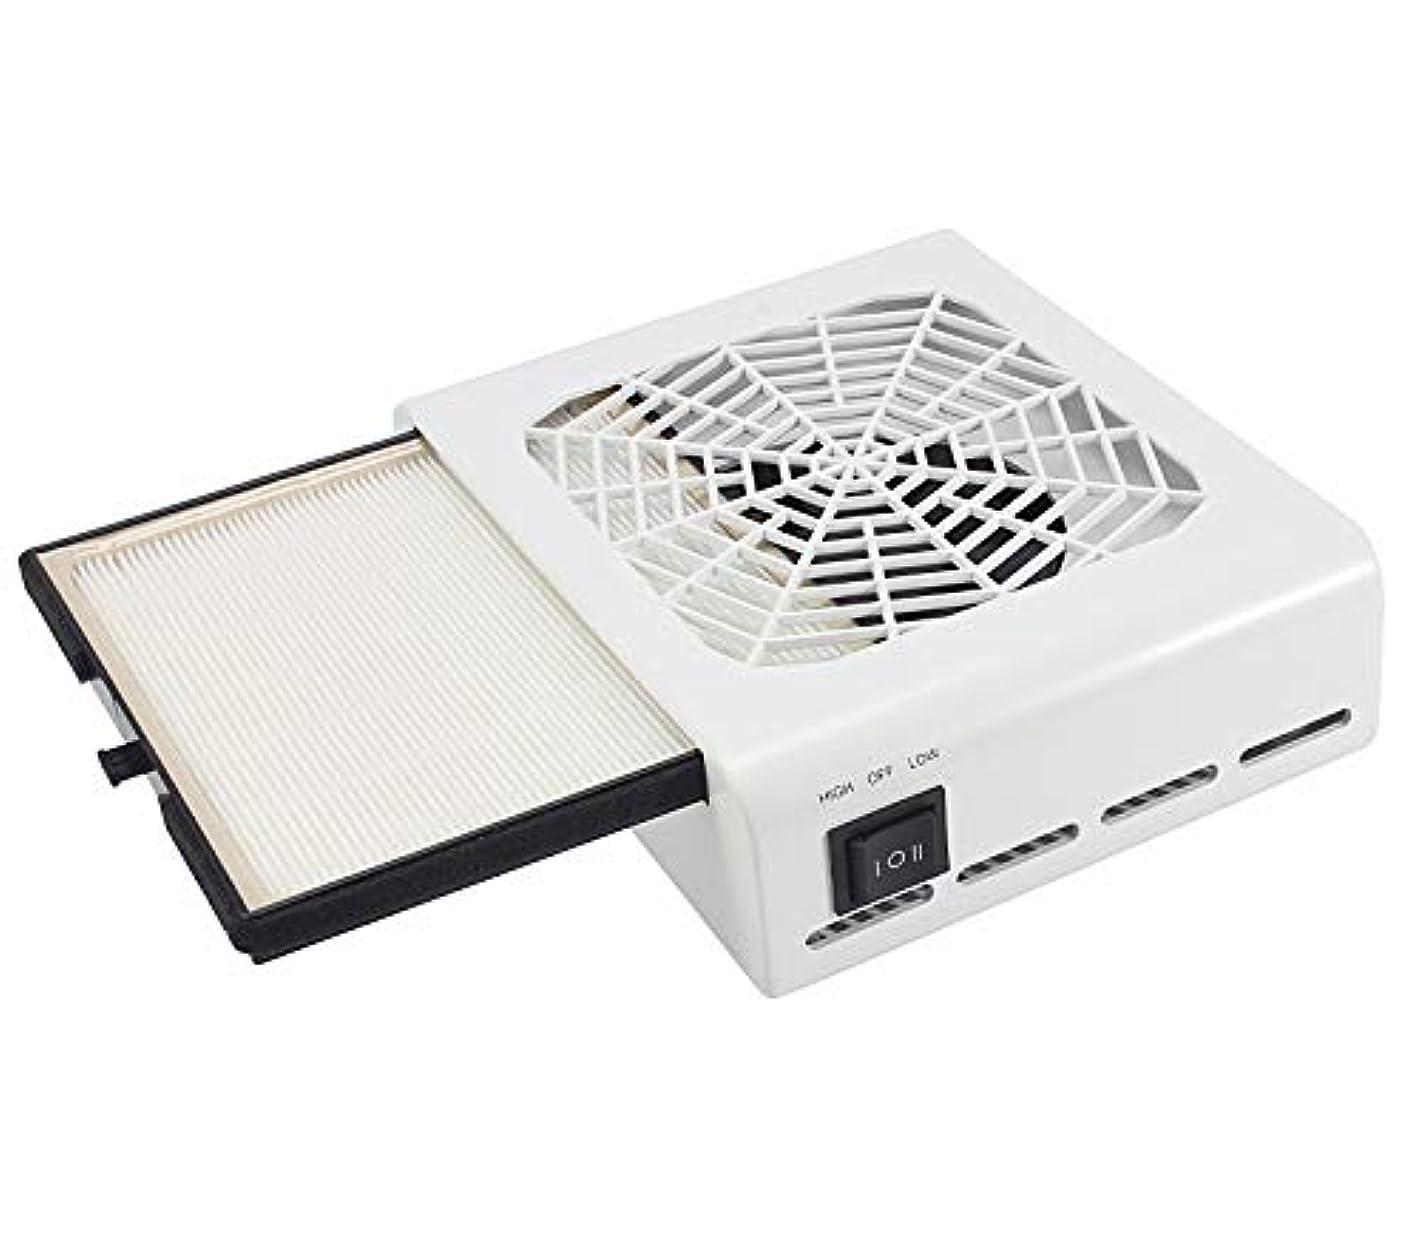 湿度和決済ネイルダスト 集塵機 ジェルネイル ネイル機器 最新版 セルフネイル 低騒音 110V 40W パワー調節可能 白